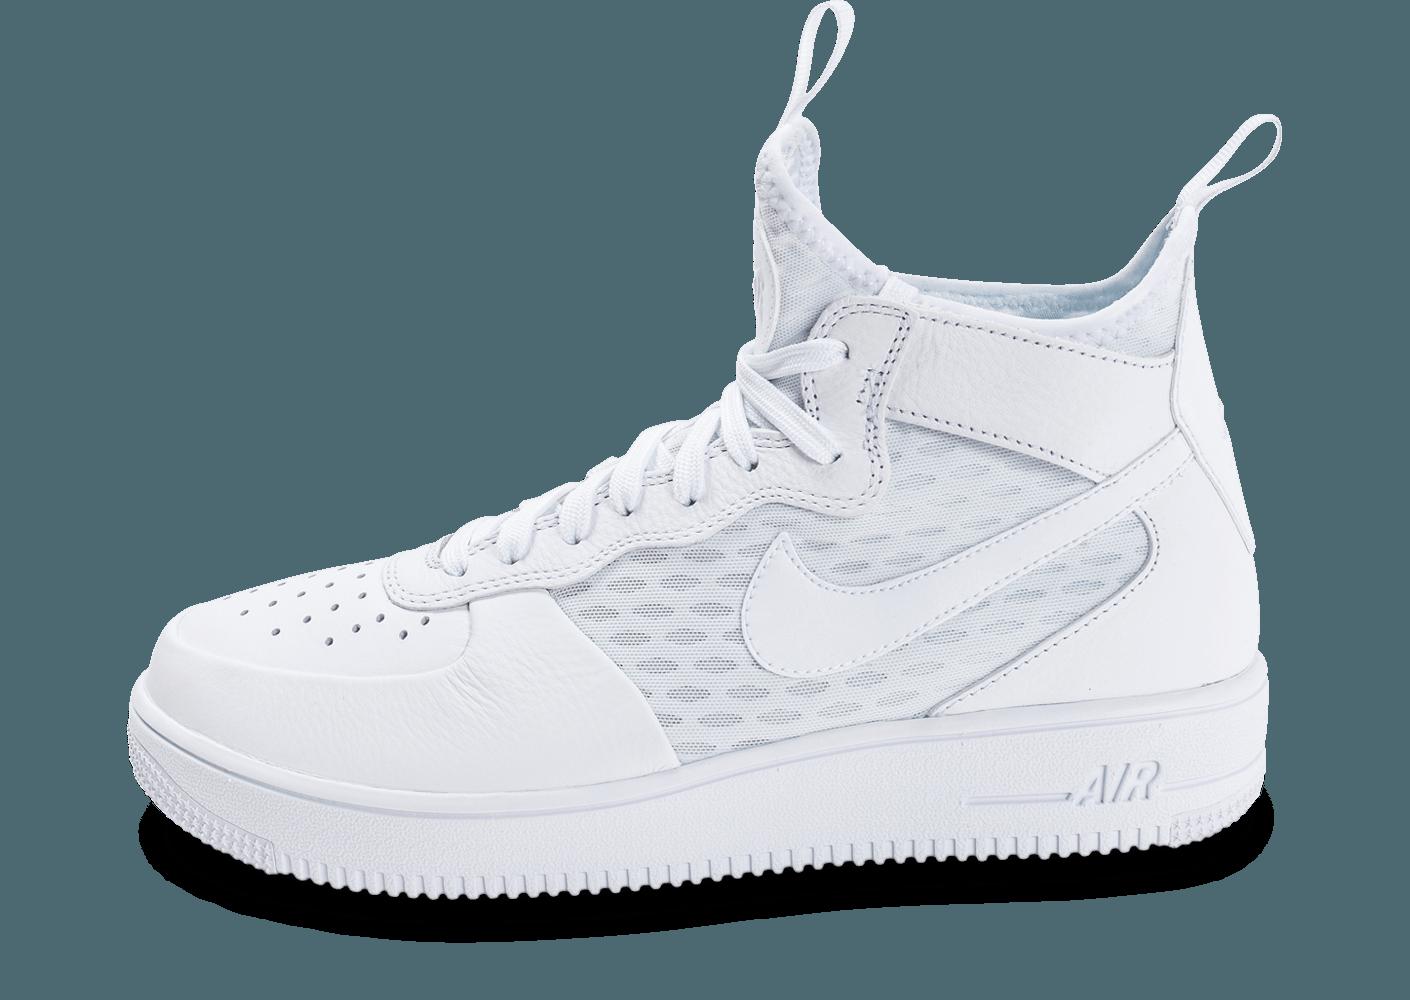 grande vente b8719 9456a Réduction authentique chaussure air force one blanc Baskets ...